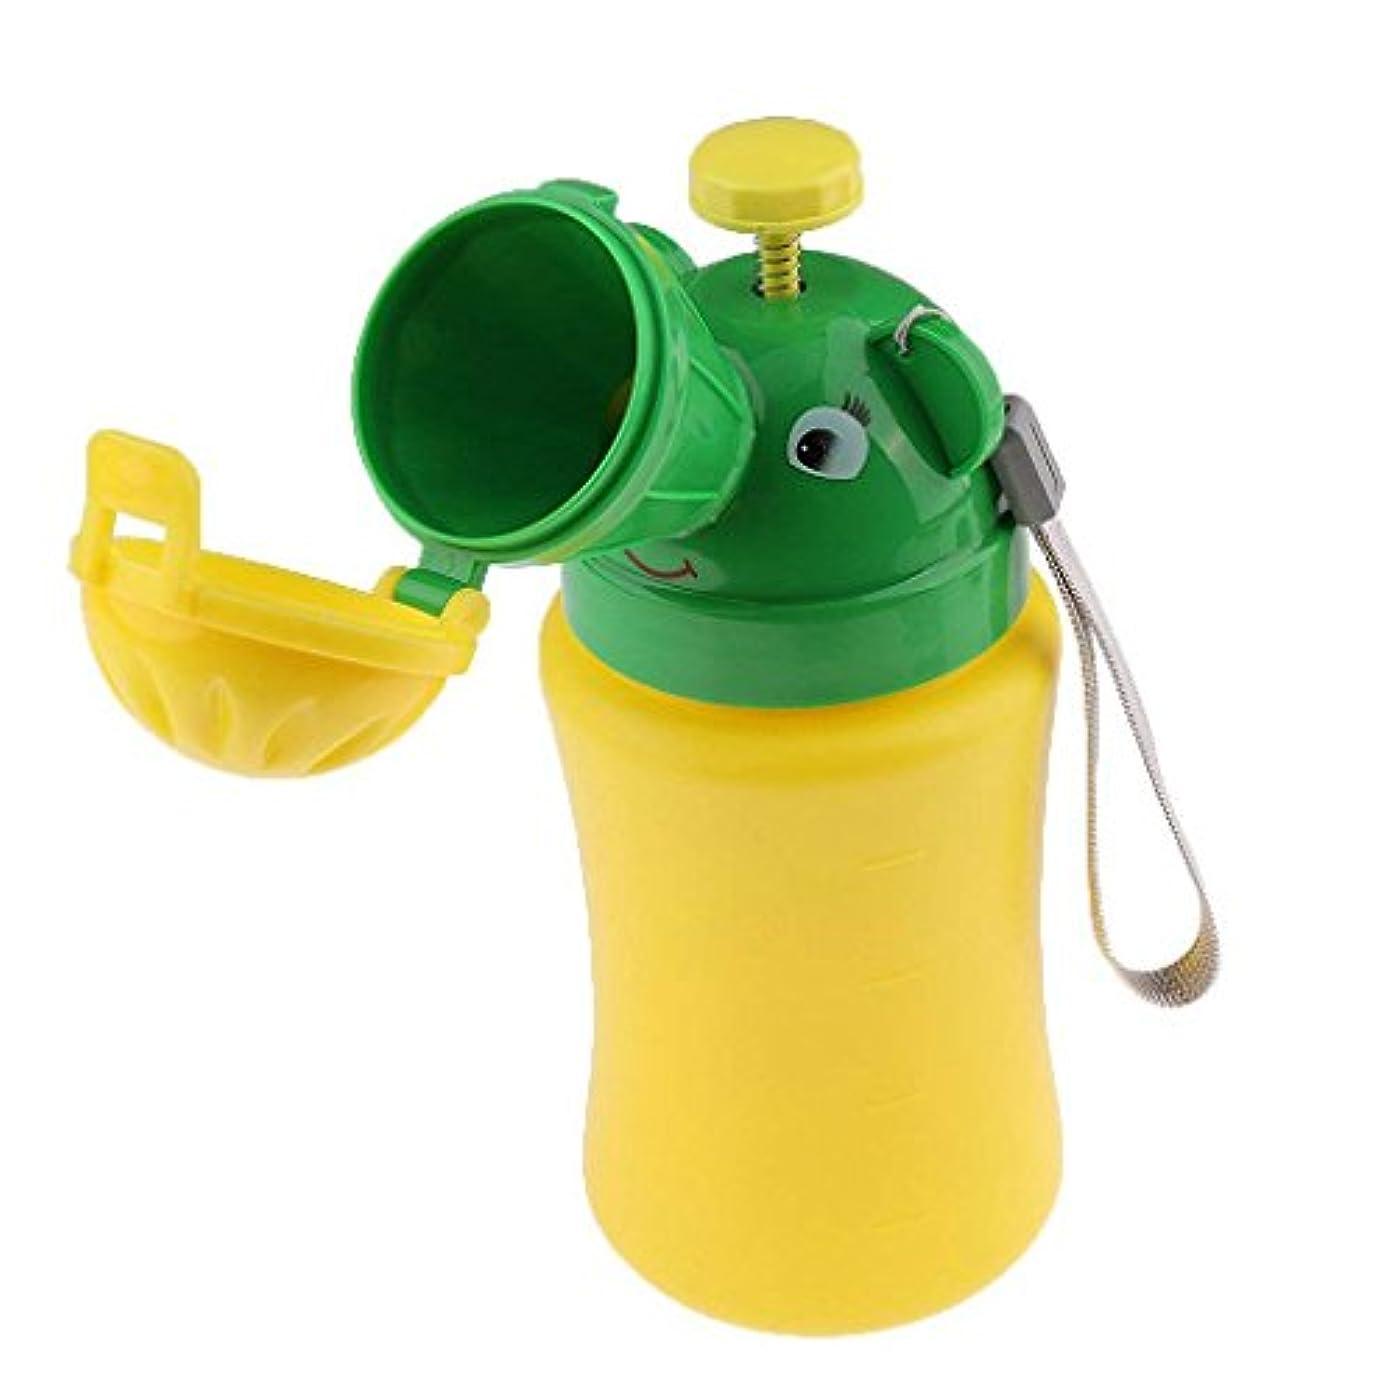 ローブ機械的にショッピングセンターSemoic 小児便器緊急旅行アクセサリー用トイレ便器ポータブルボトル